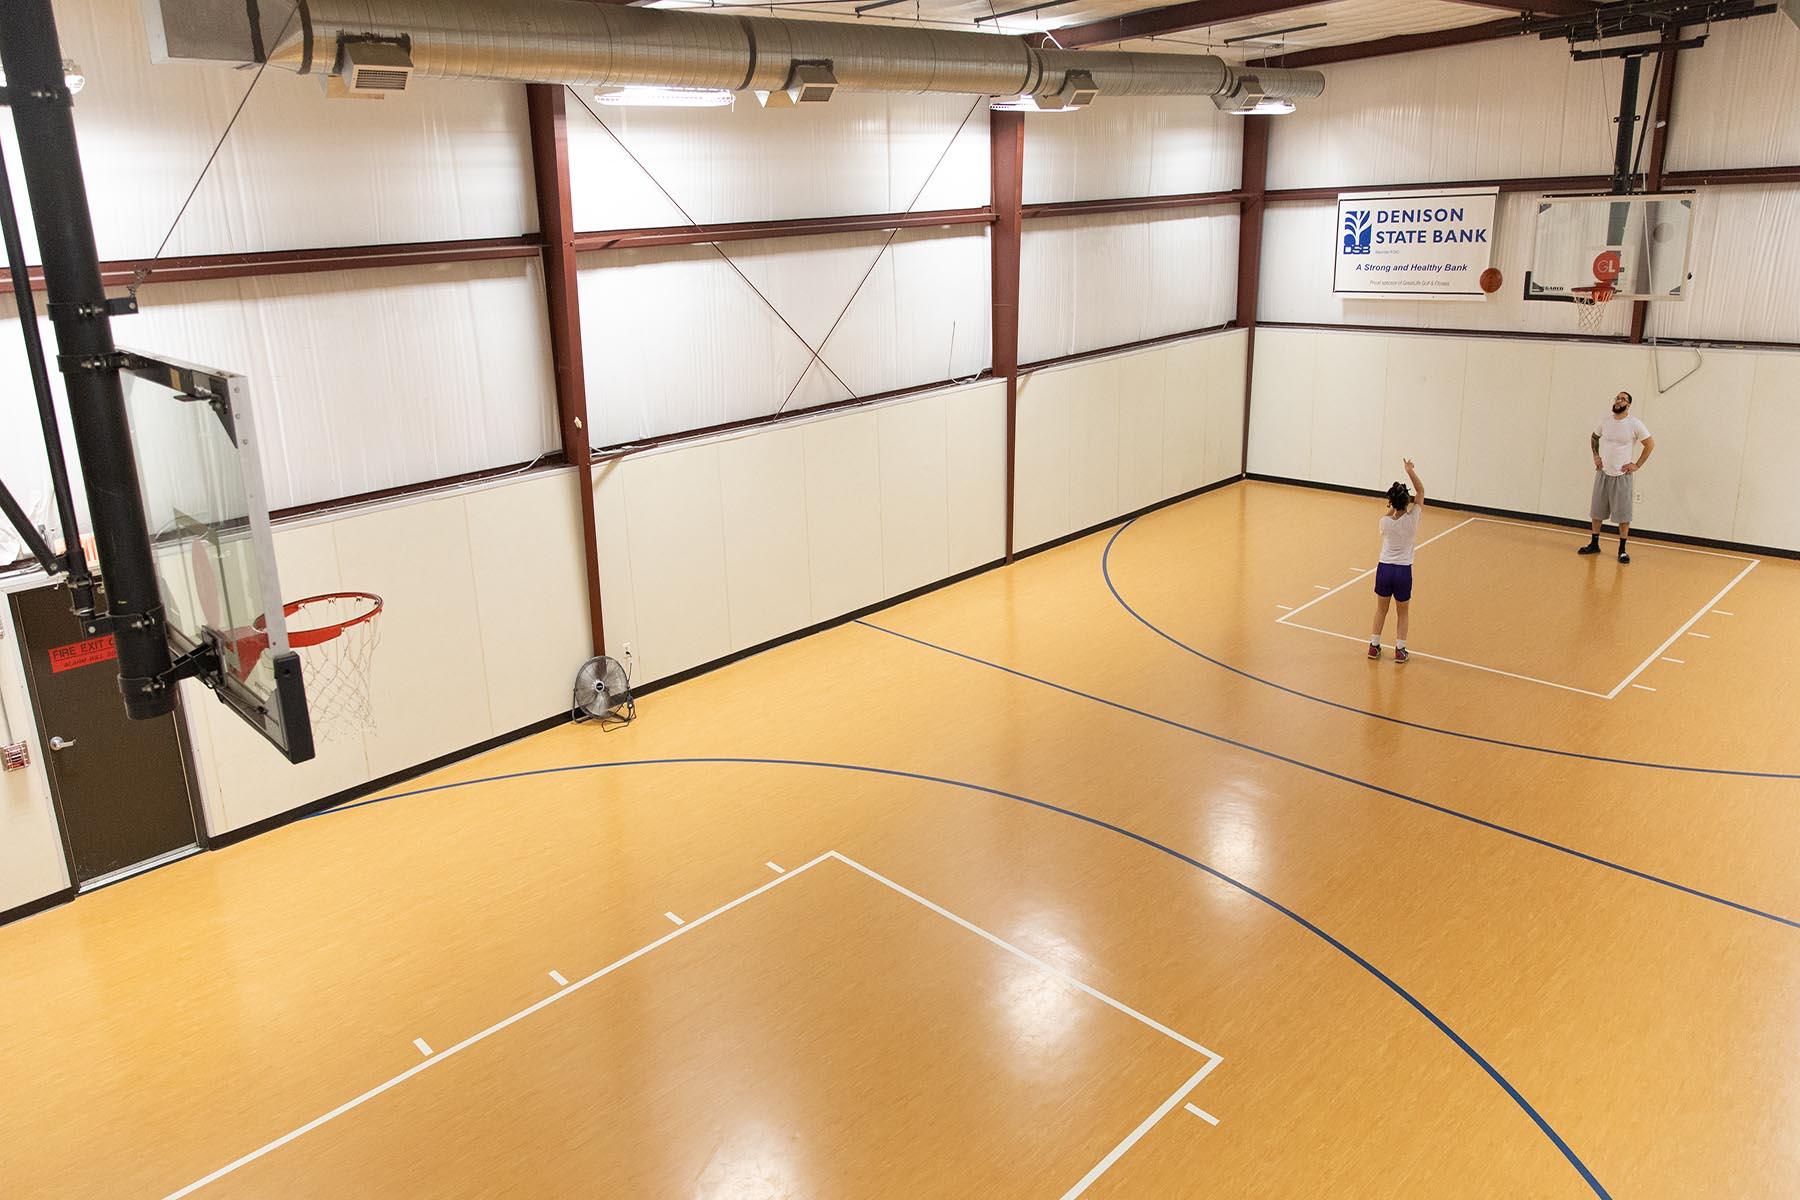 BK-Bball-Court